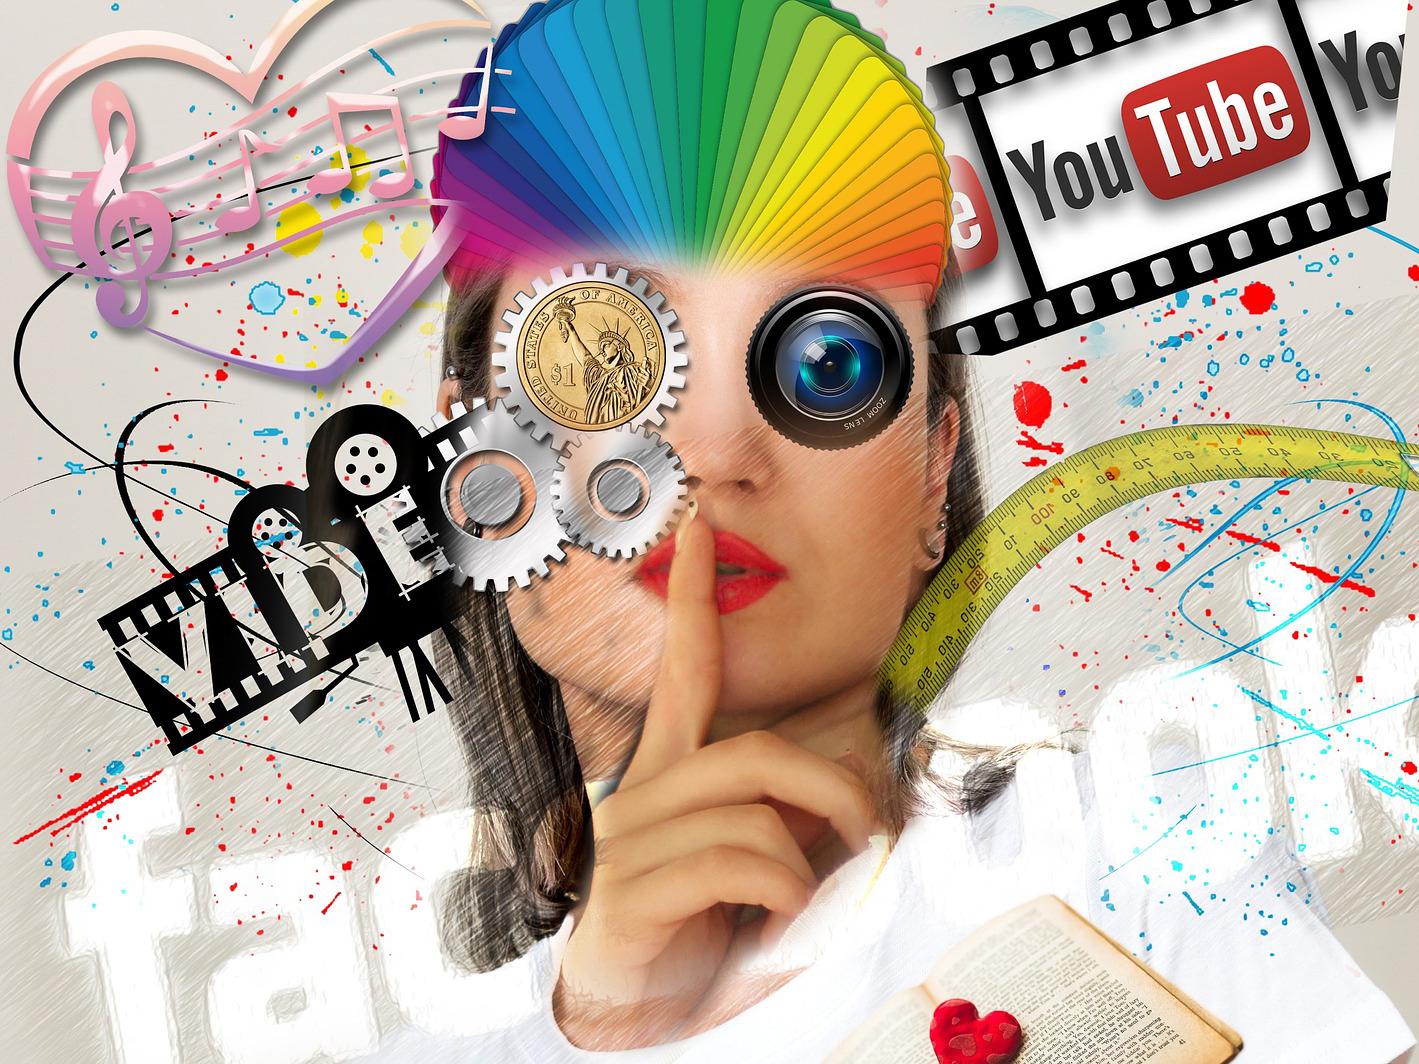 擴大廣告業務,YouTube幫企業拍影片、連動Google搜尋